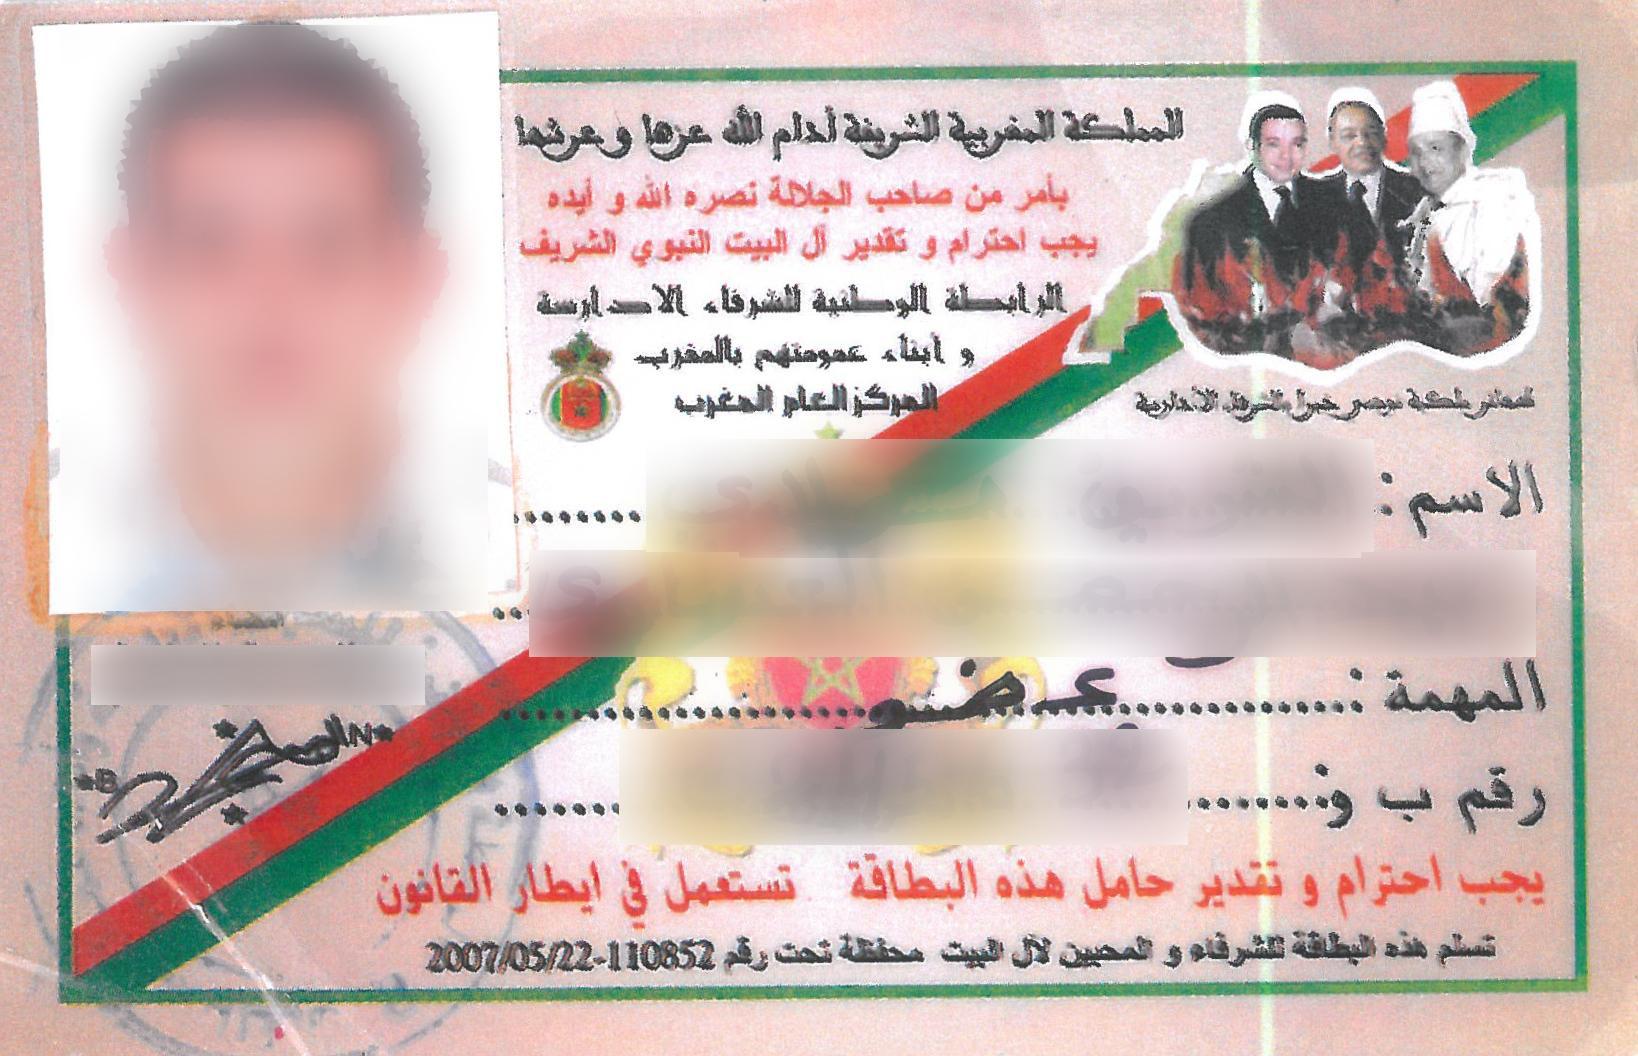 """تقديم كل من يثبت تورطه في طبع وتوزيع بطائق تحت تسمية """"بطاقة خاصة بالشرفاء"""" للعدالة"""